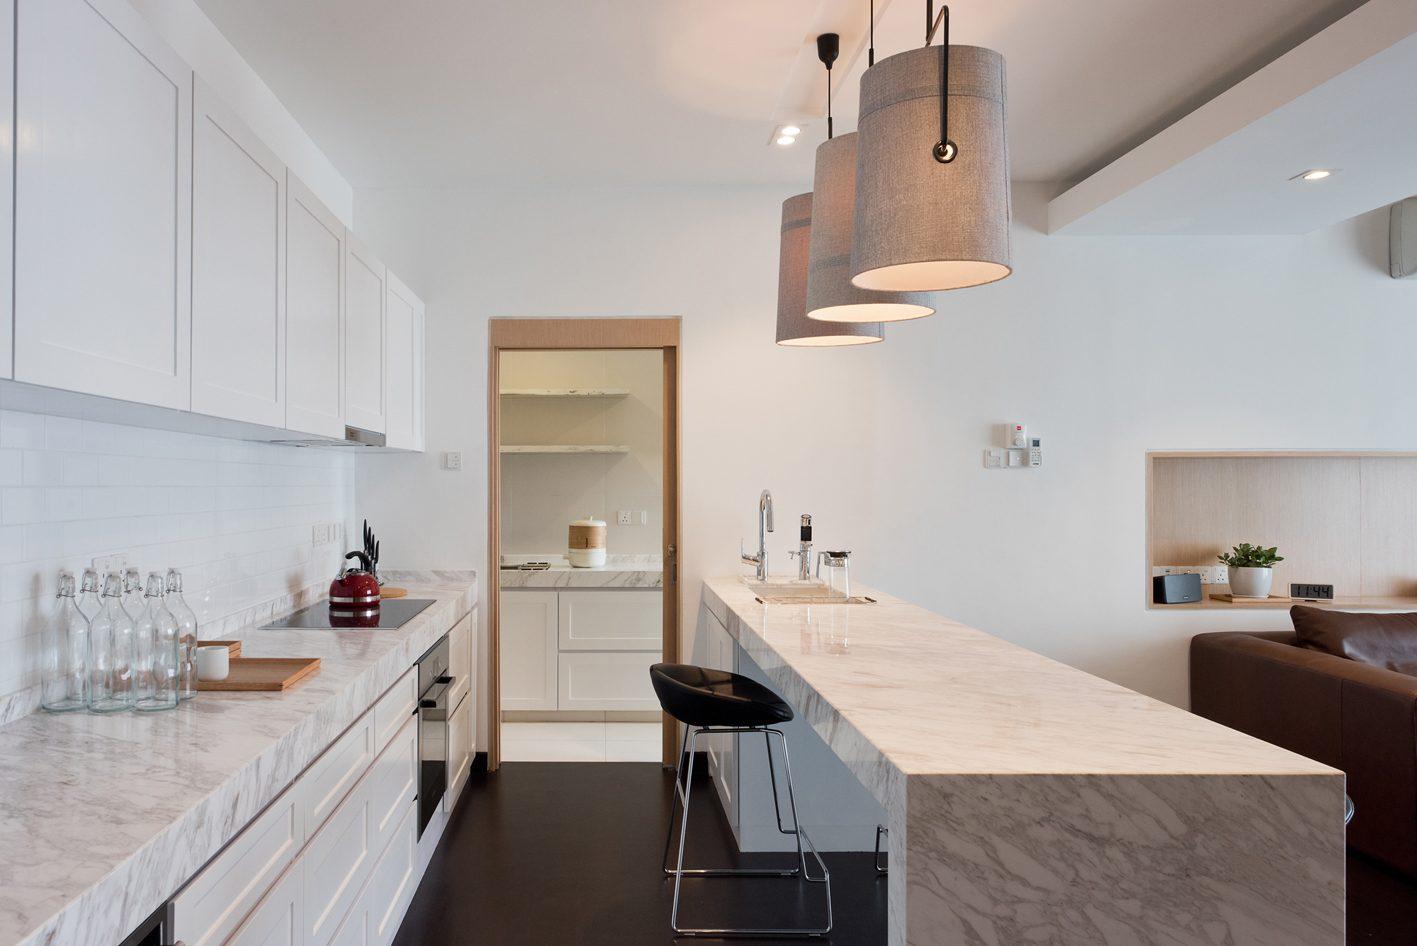 Kitchen design for Condominium in Casa Tropicana. Project by: Pocket Square